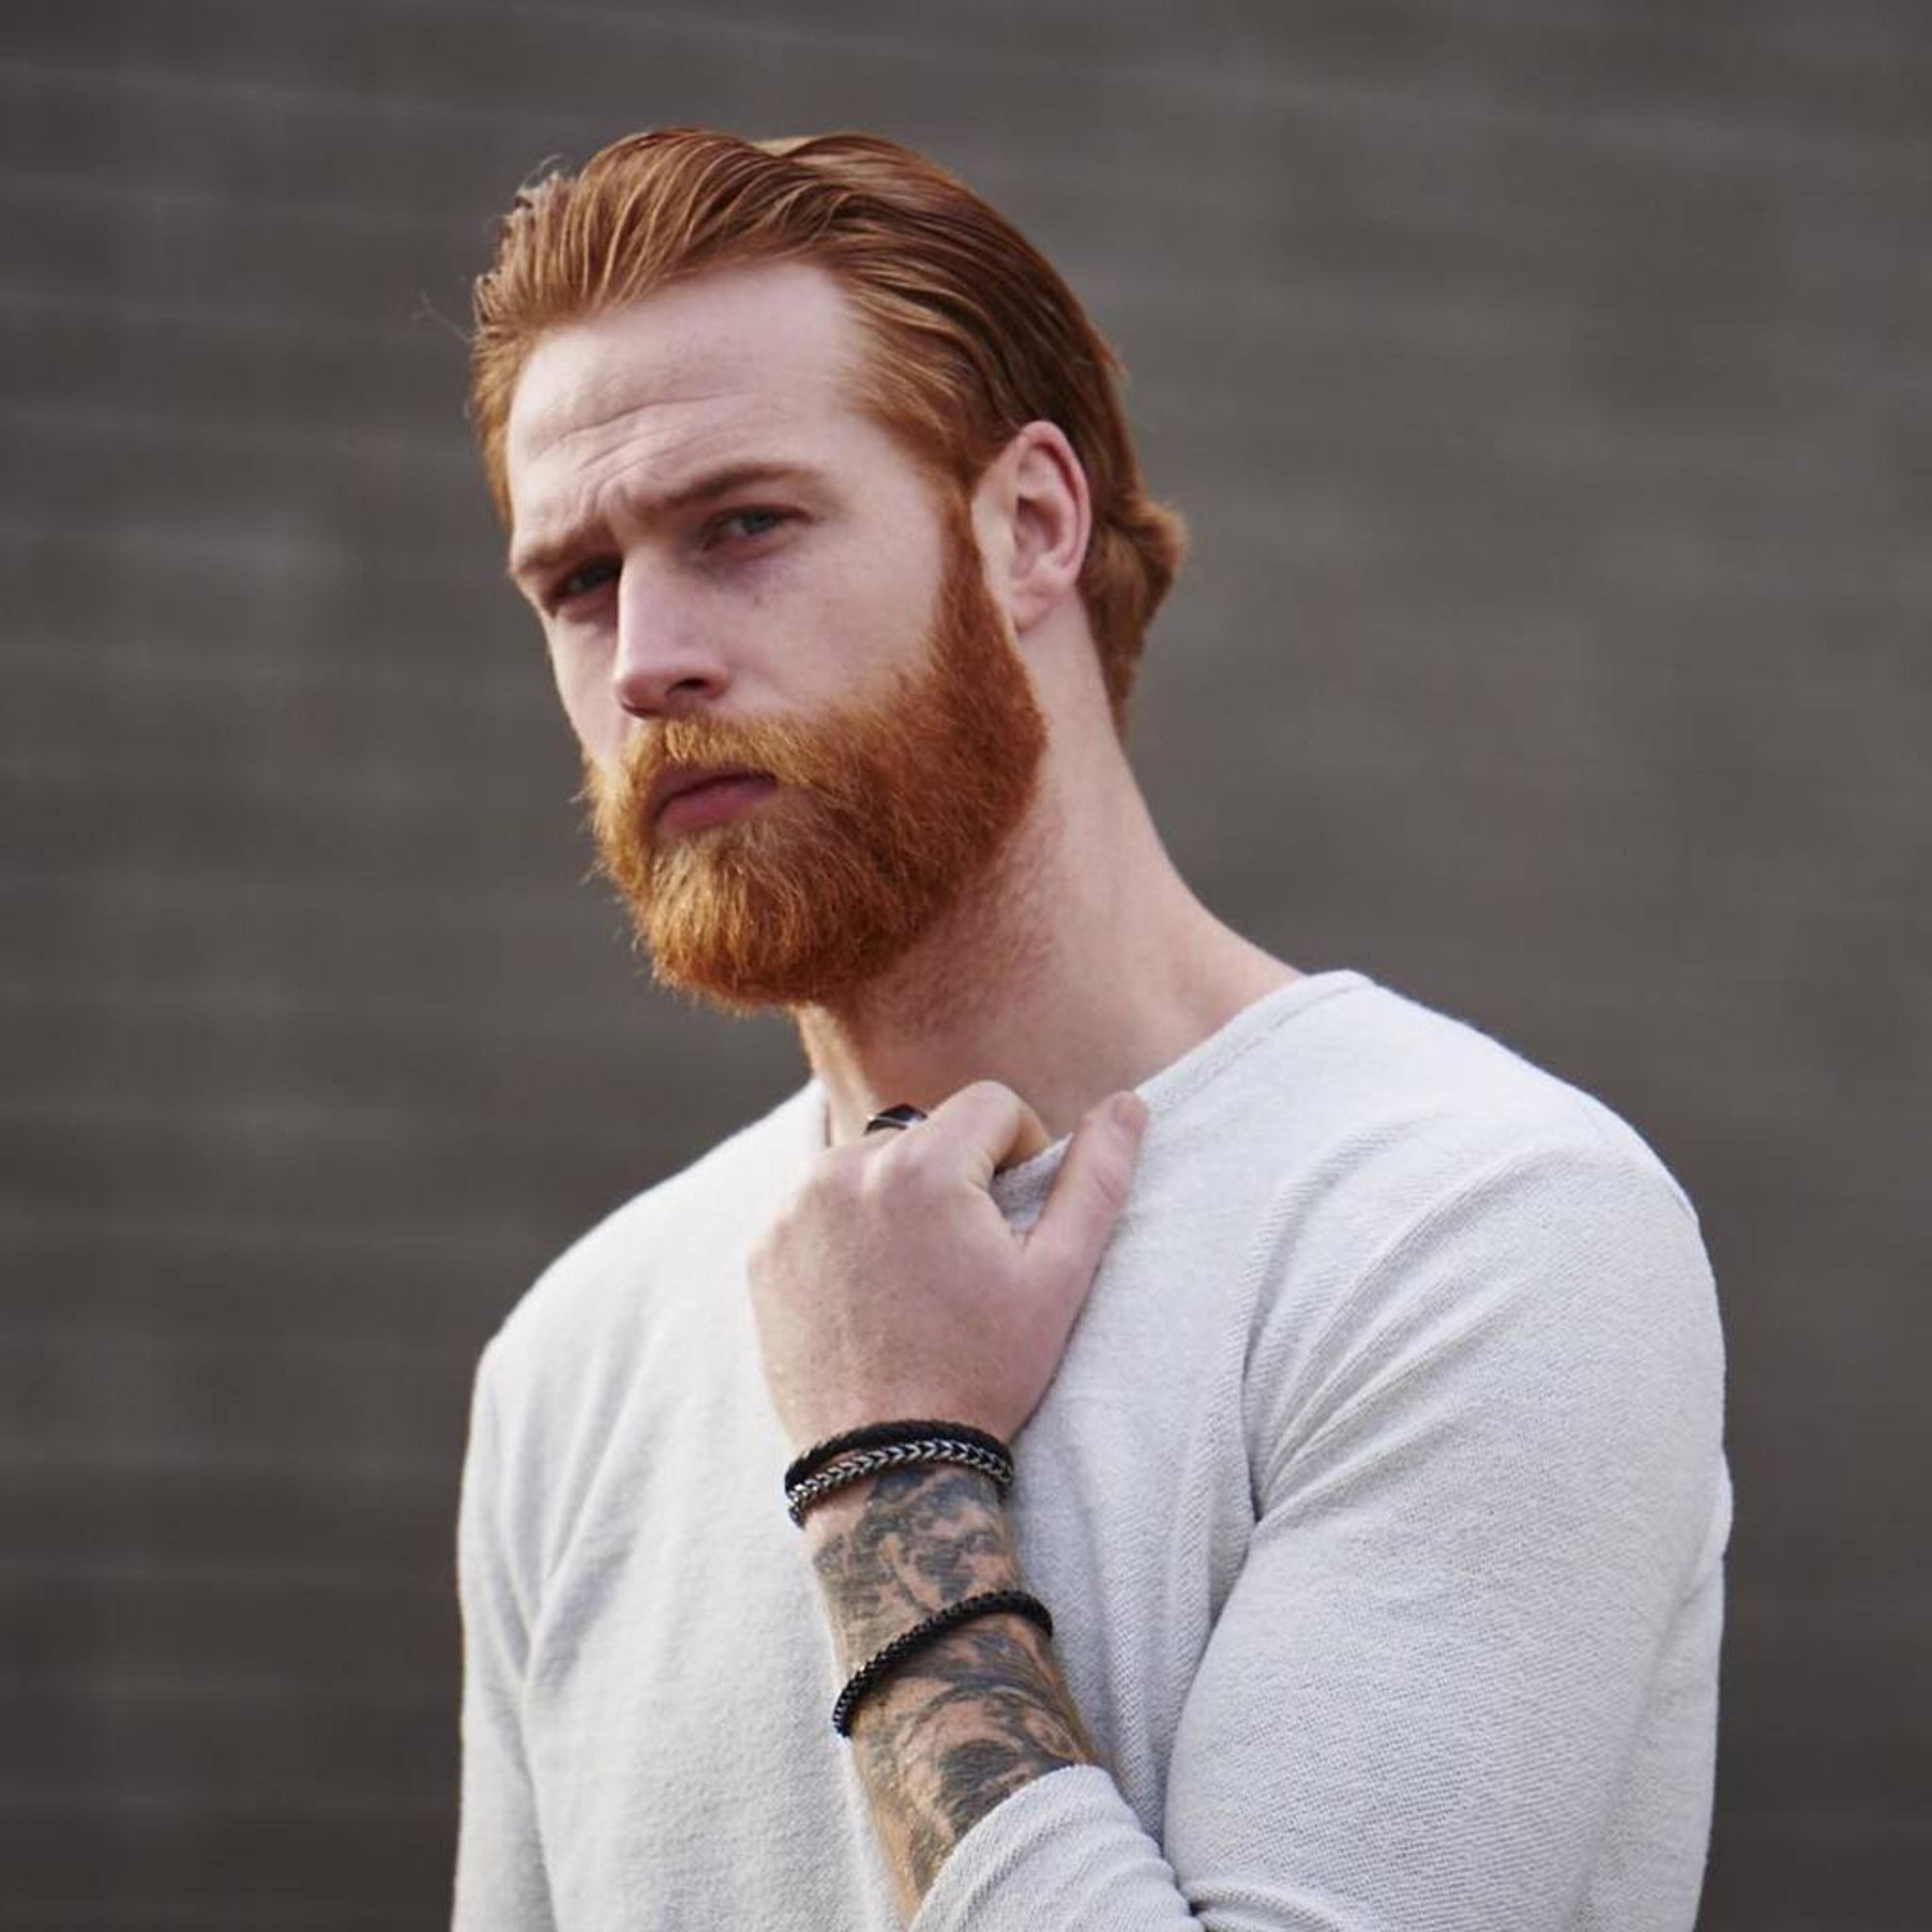 A long ginger beard for crazy guys.